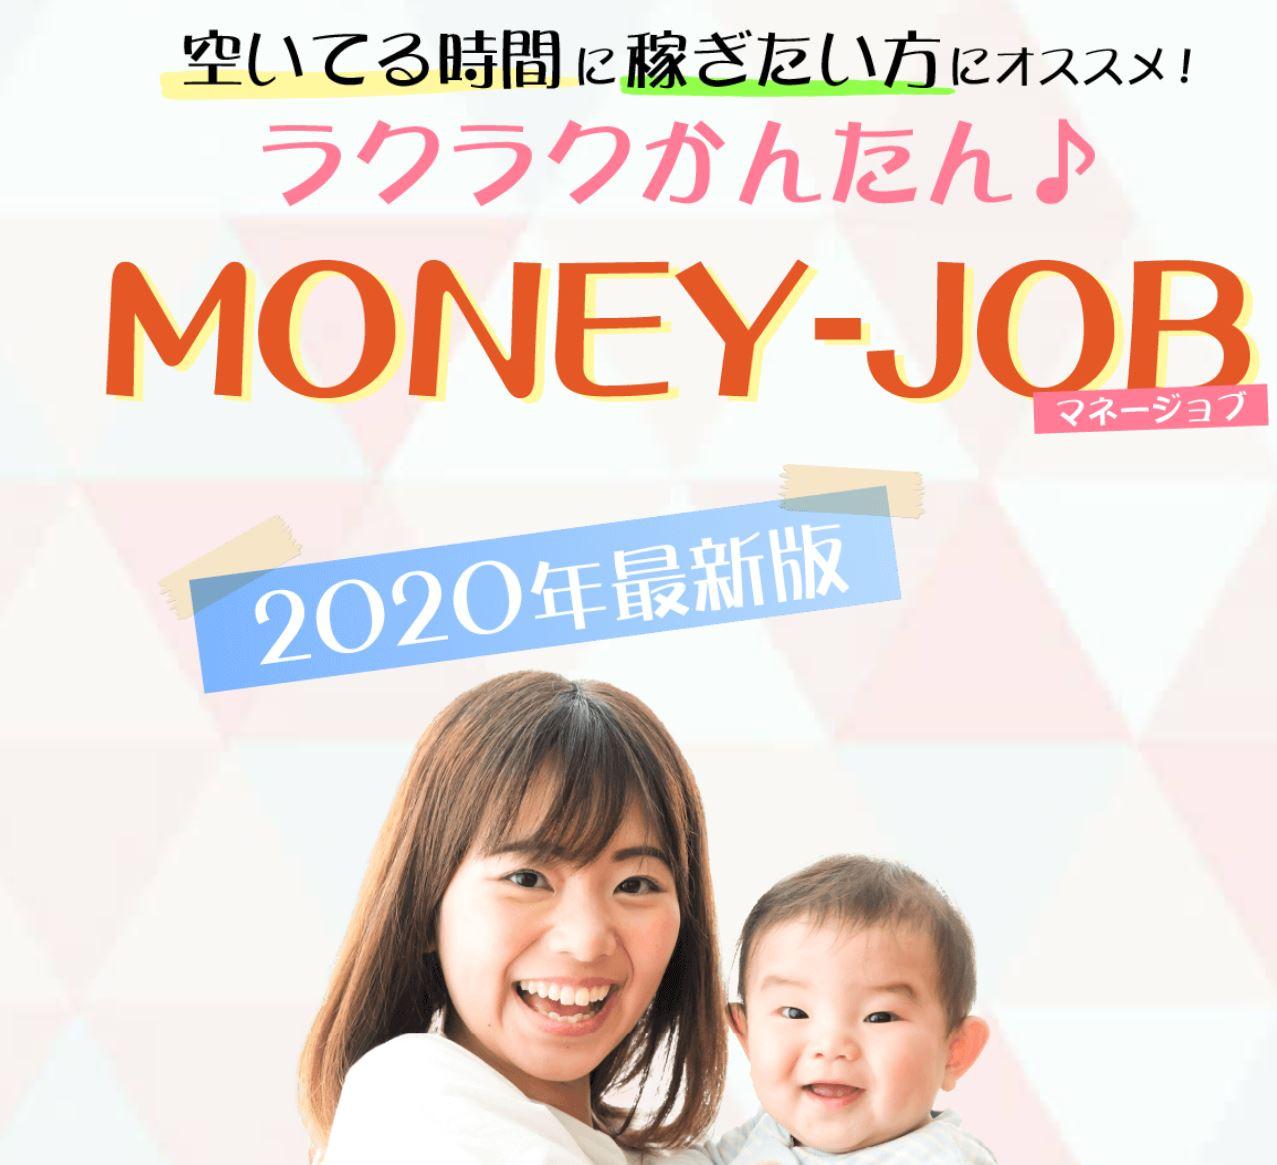 2020年最新版 MONEY-JOB(マネージョブ)で簡単に稼げる?副業調査